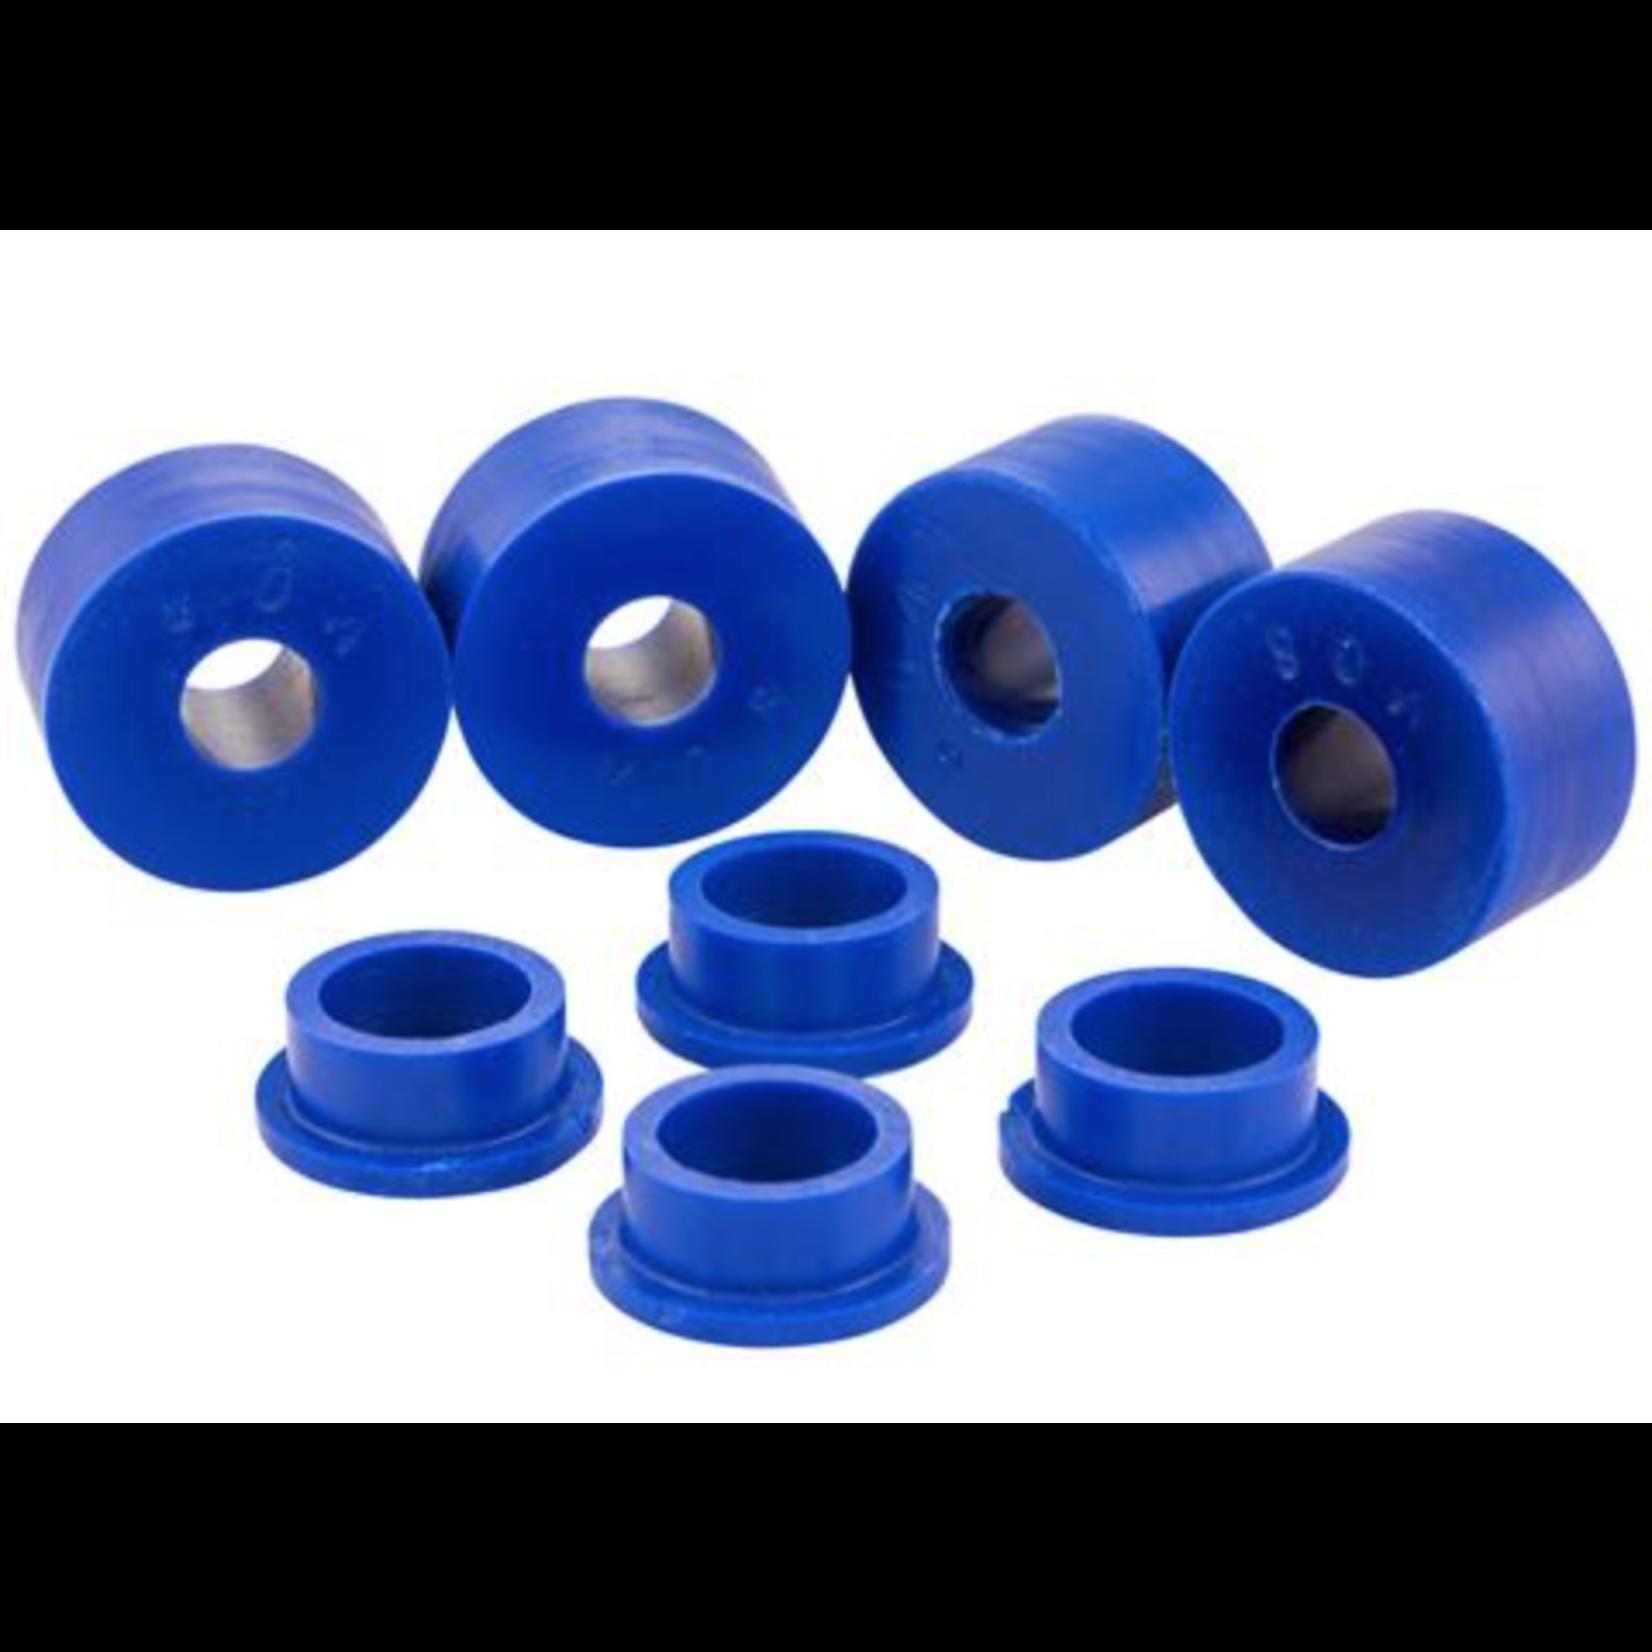 Parts Shock Bushing Kit, Rear Set 95A Durometer Modern 50-500